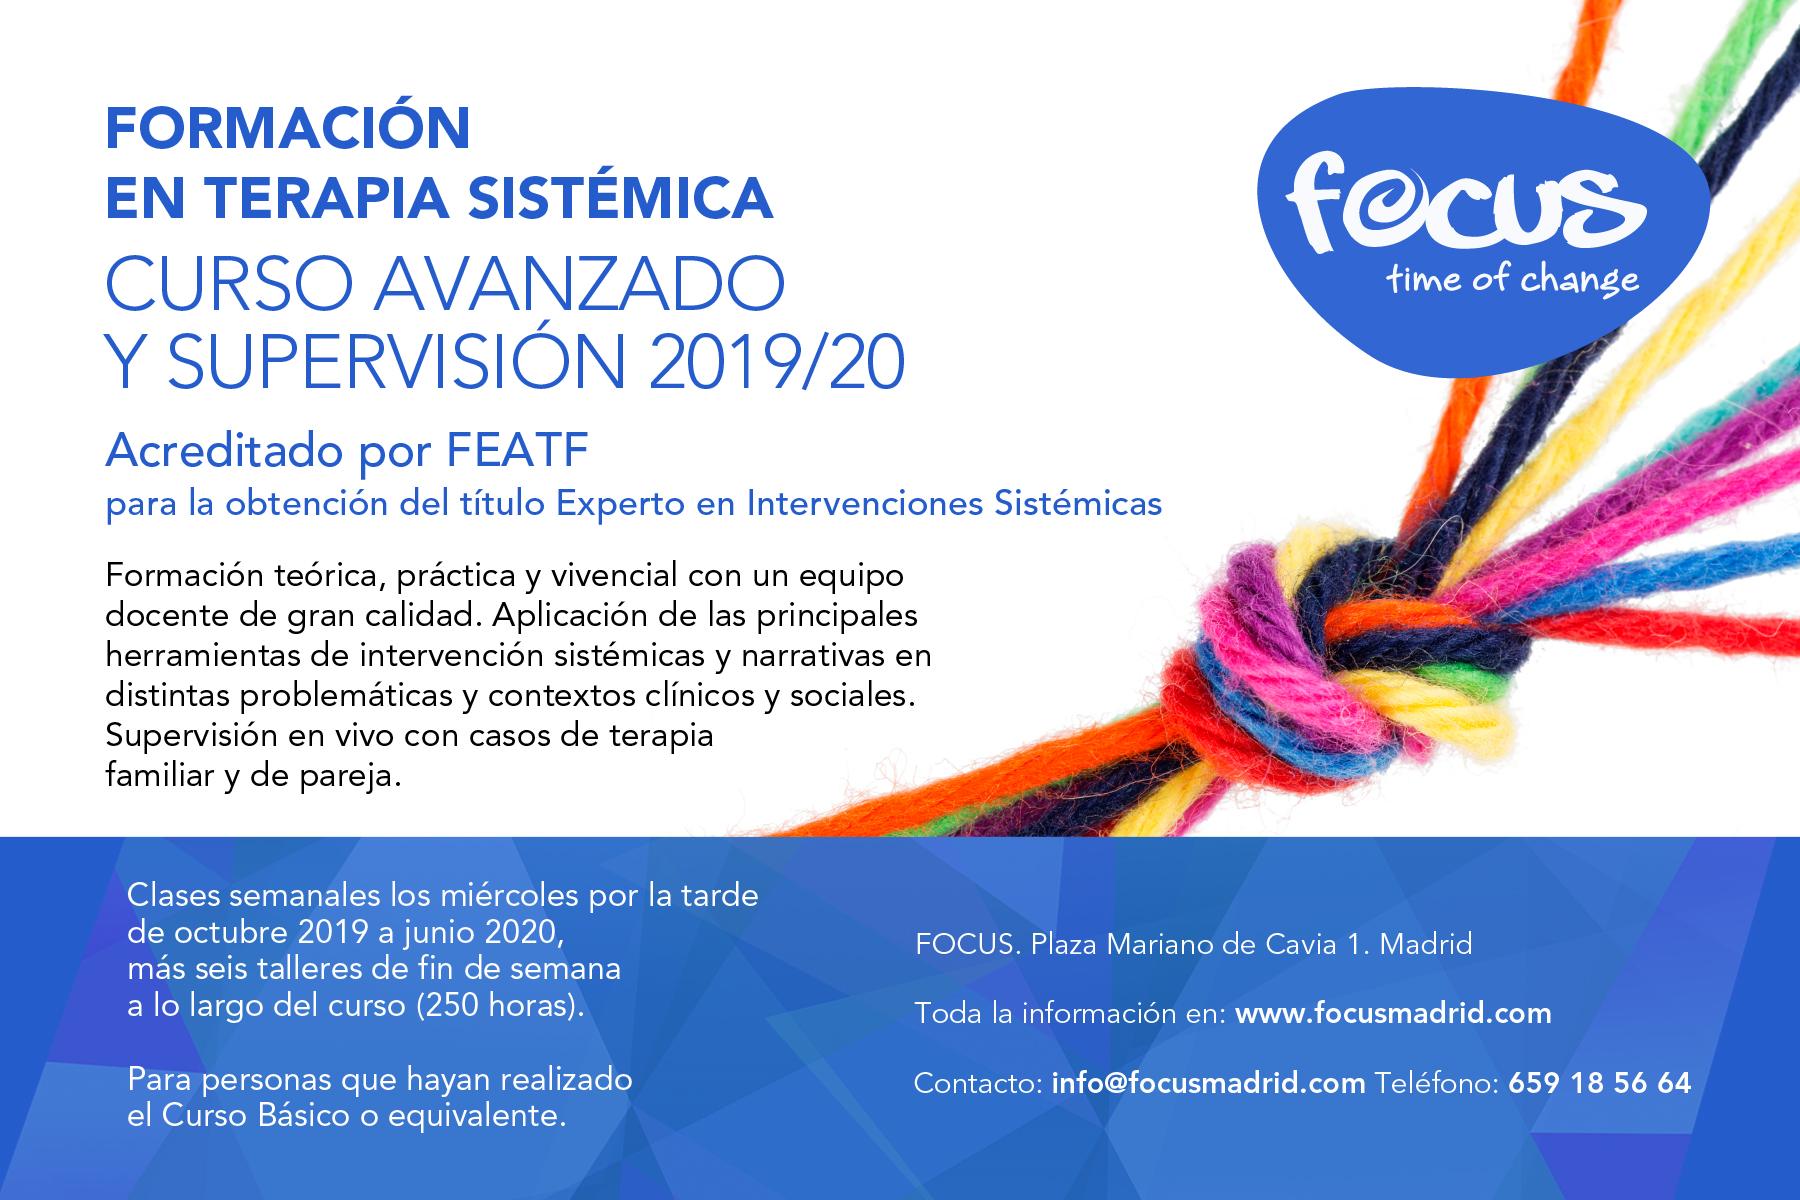 Curso Avanzado y Supervisión 2019-20 acreditado por FEATF